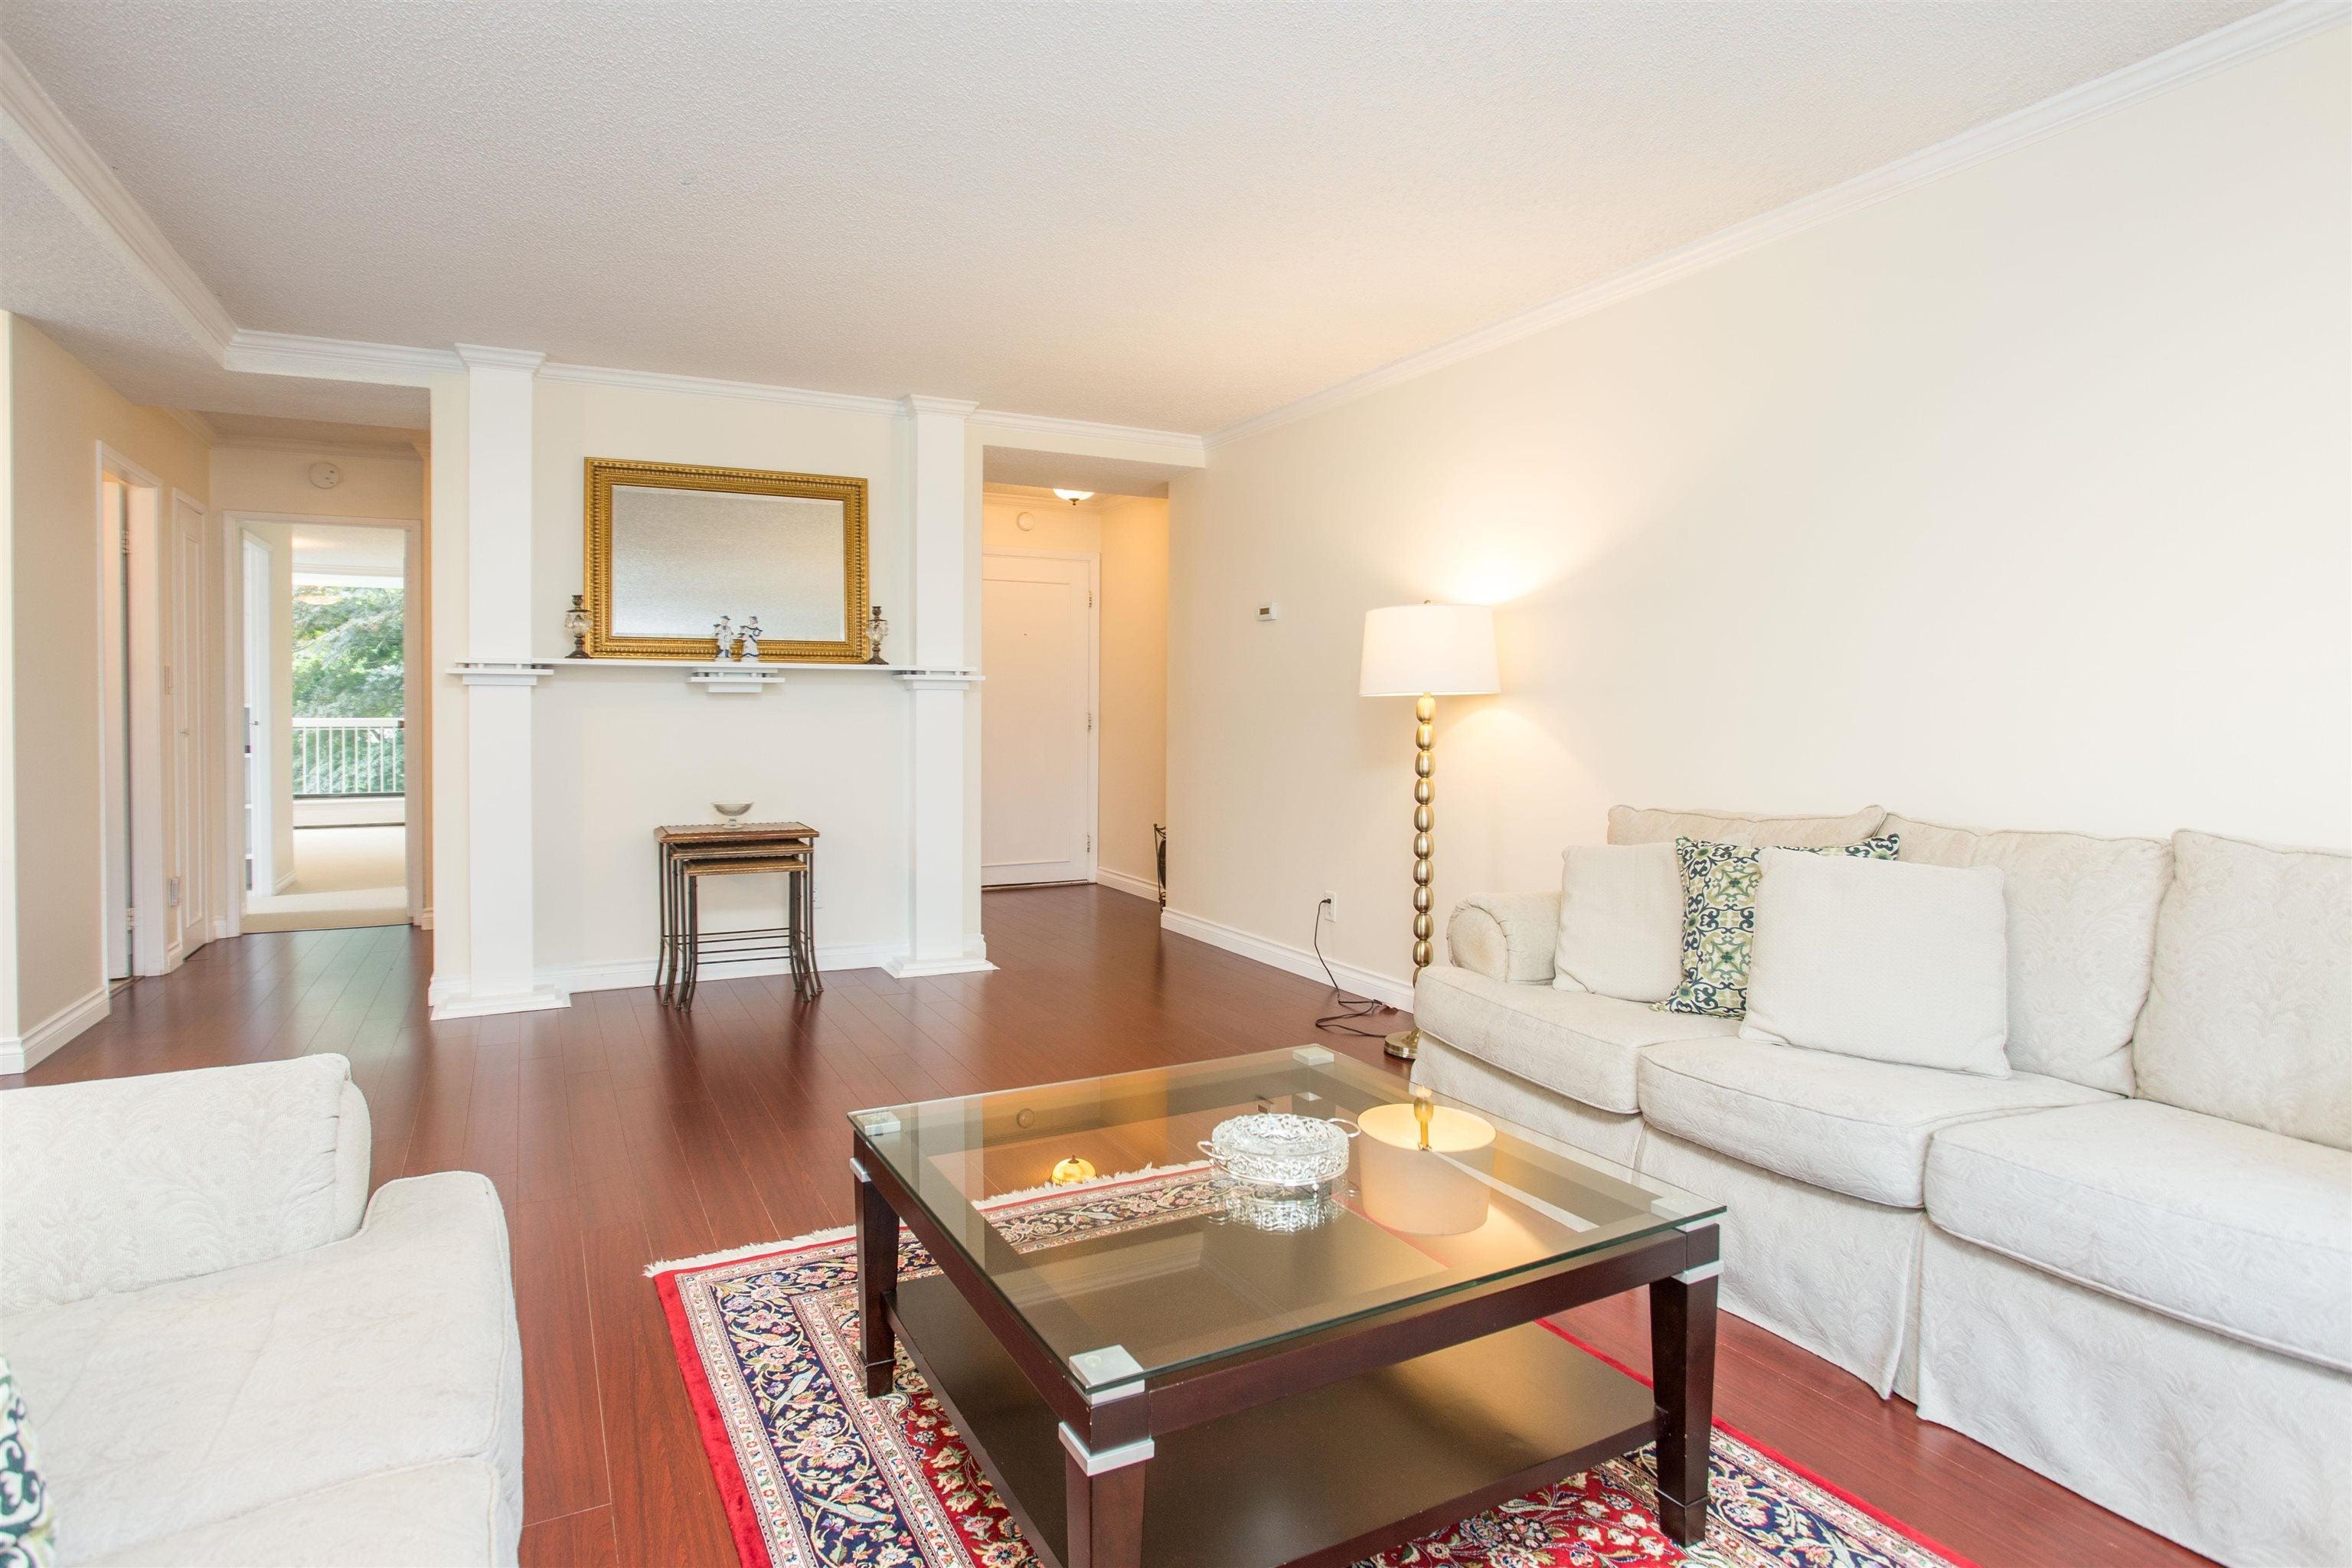 203 1390 DUCHESS AVENUE - Ambleside Apartment/Condo for sale, 1 Bedroom (R2611618) - #8